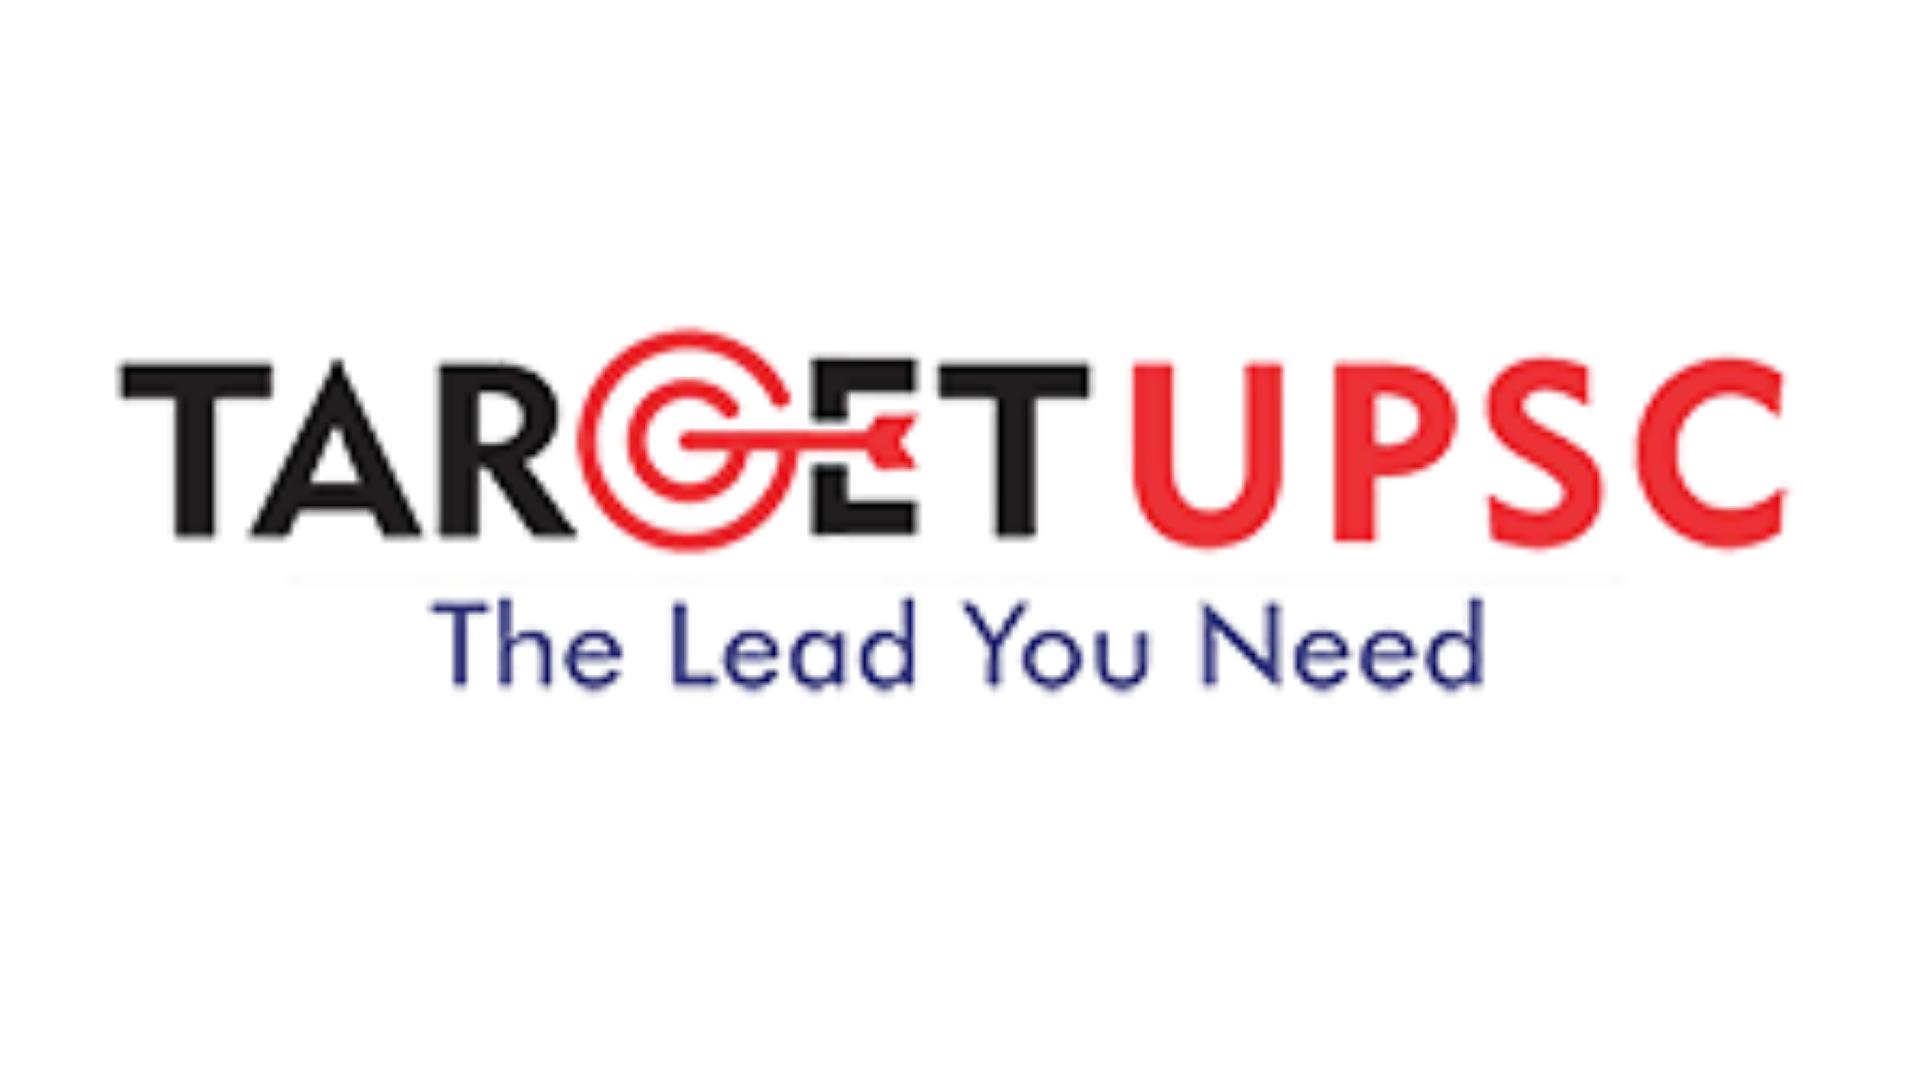 Target UPSC Testimonial